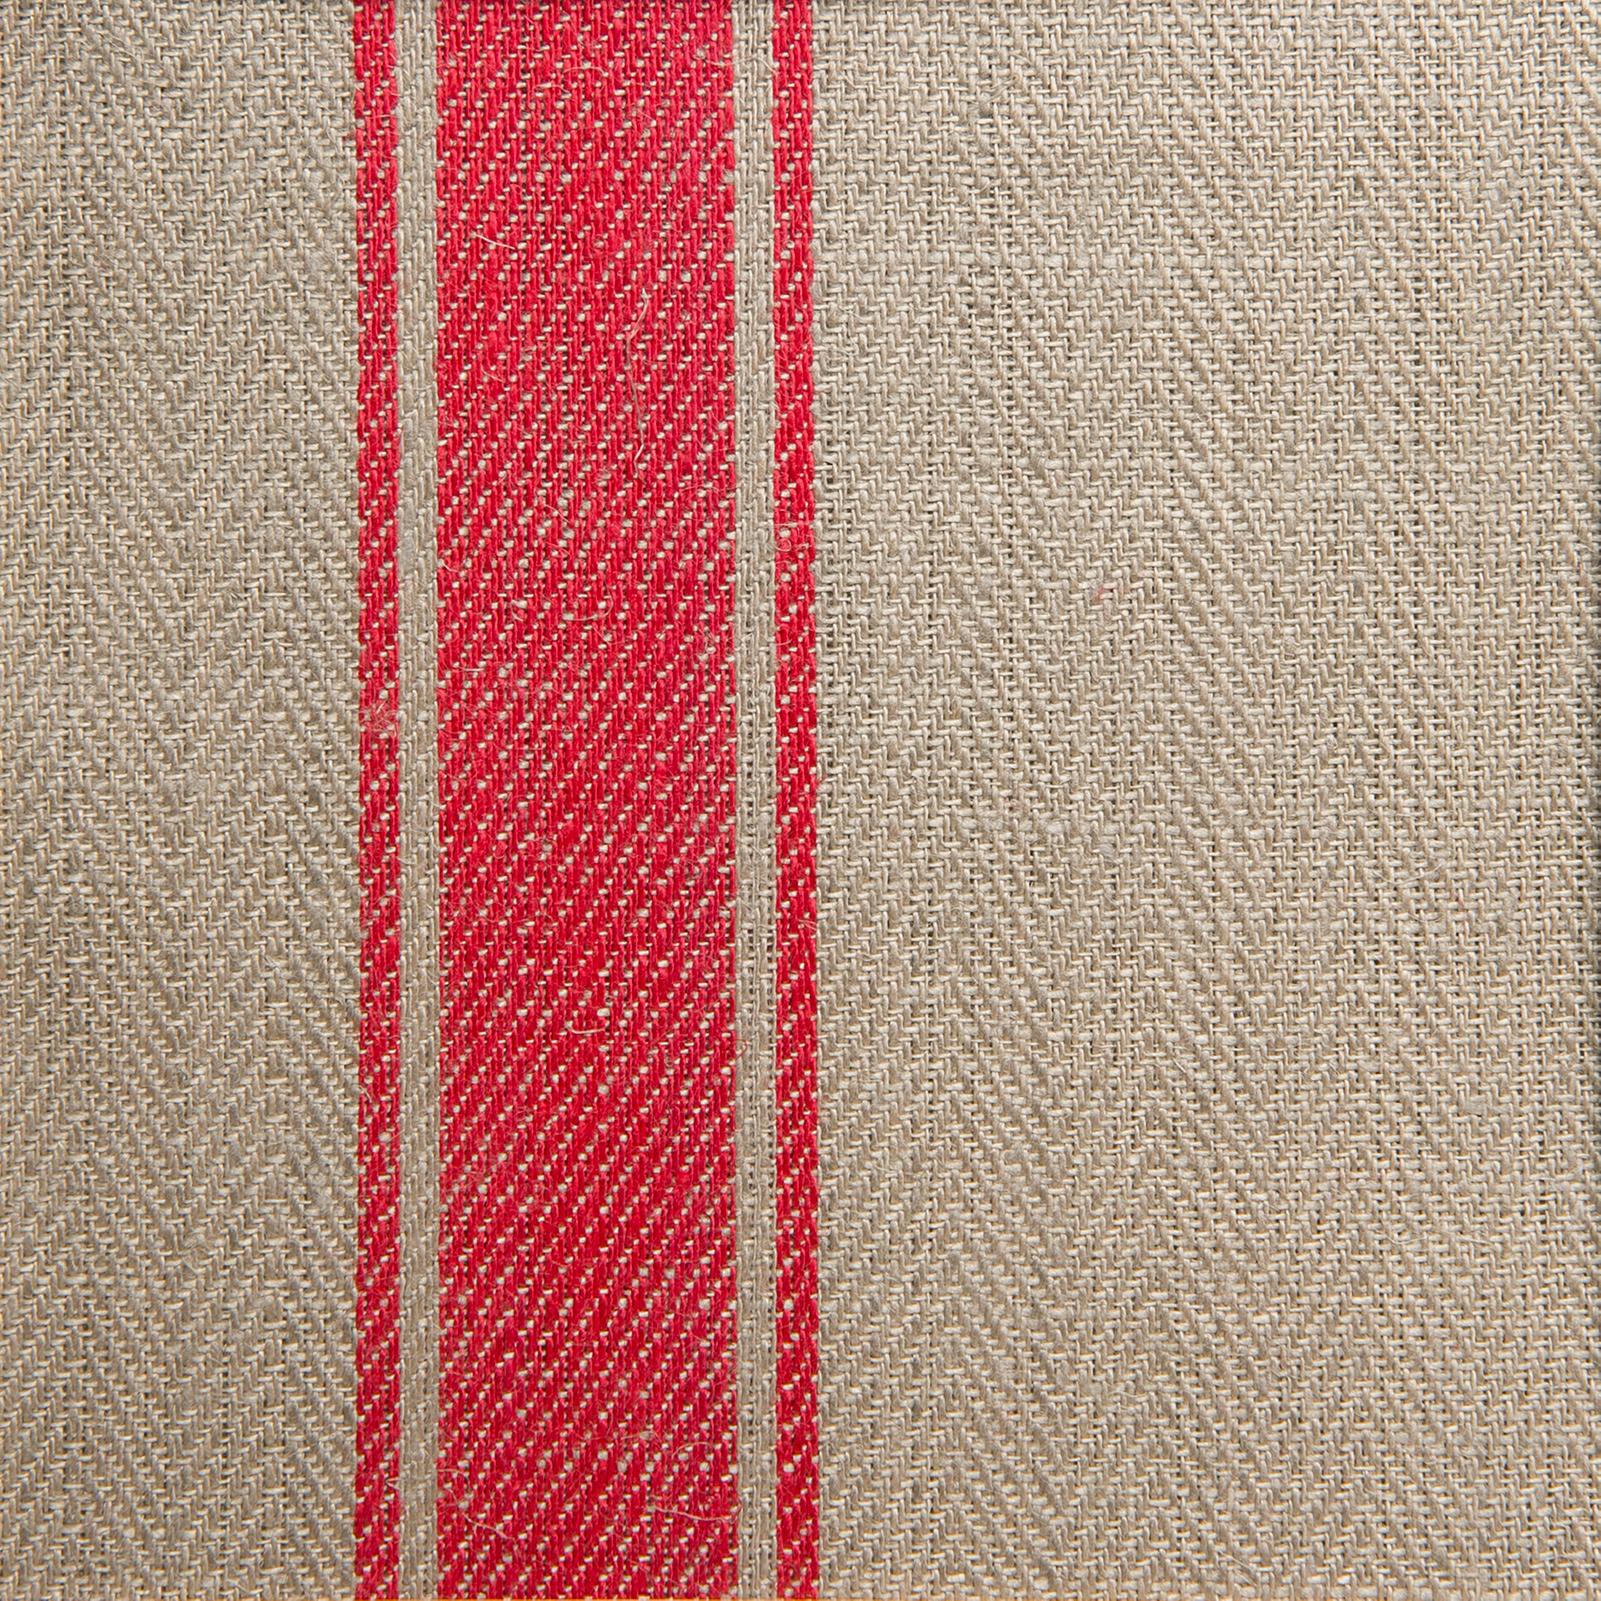 Allmoge handduk hellinne Klässbols linneväveri oblekt/röd